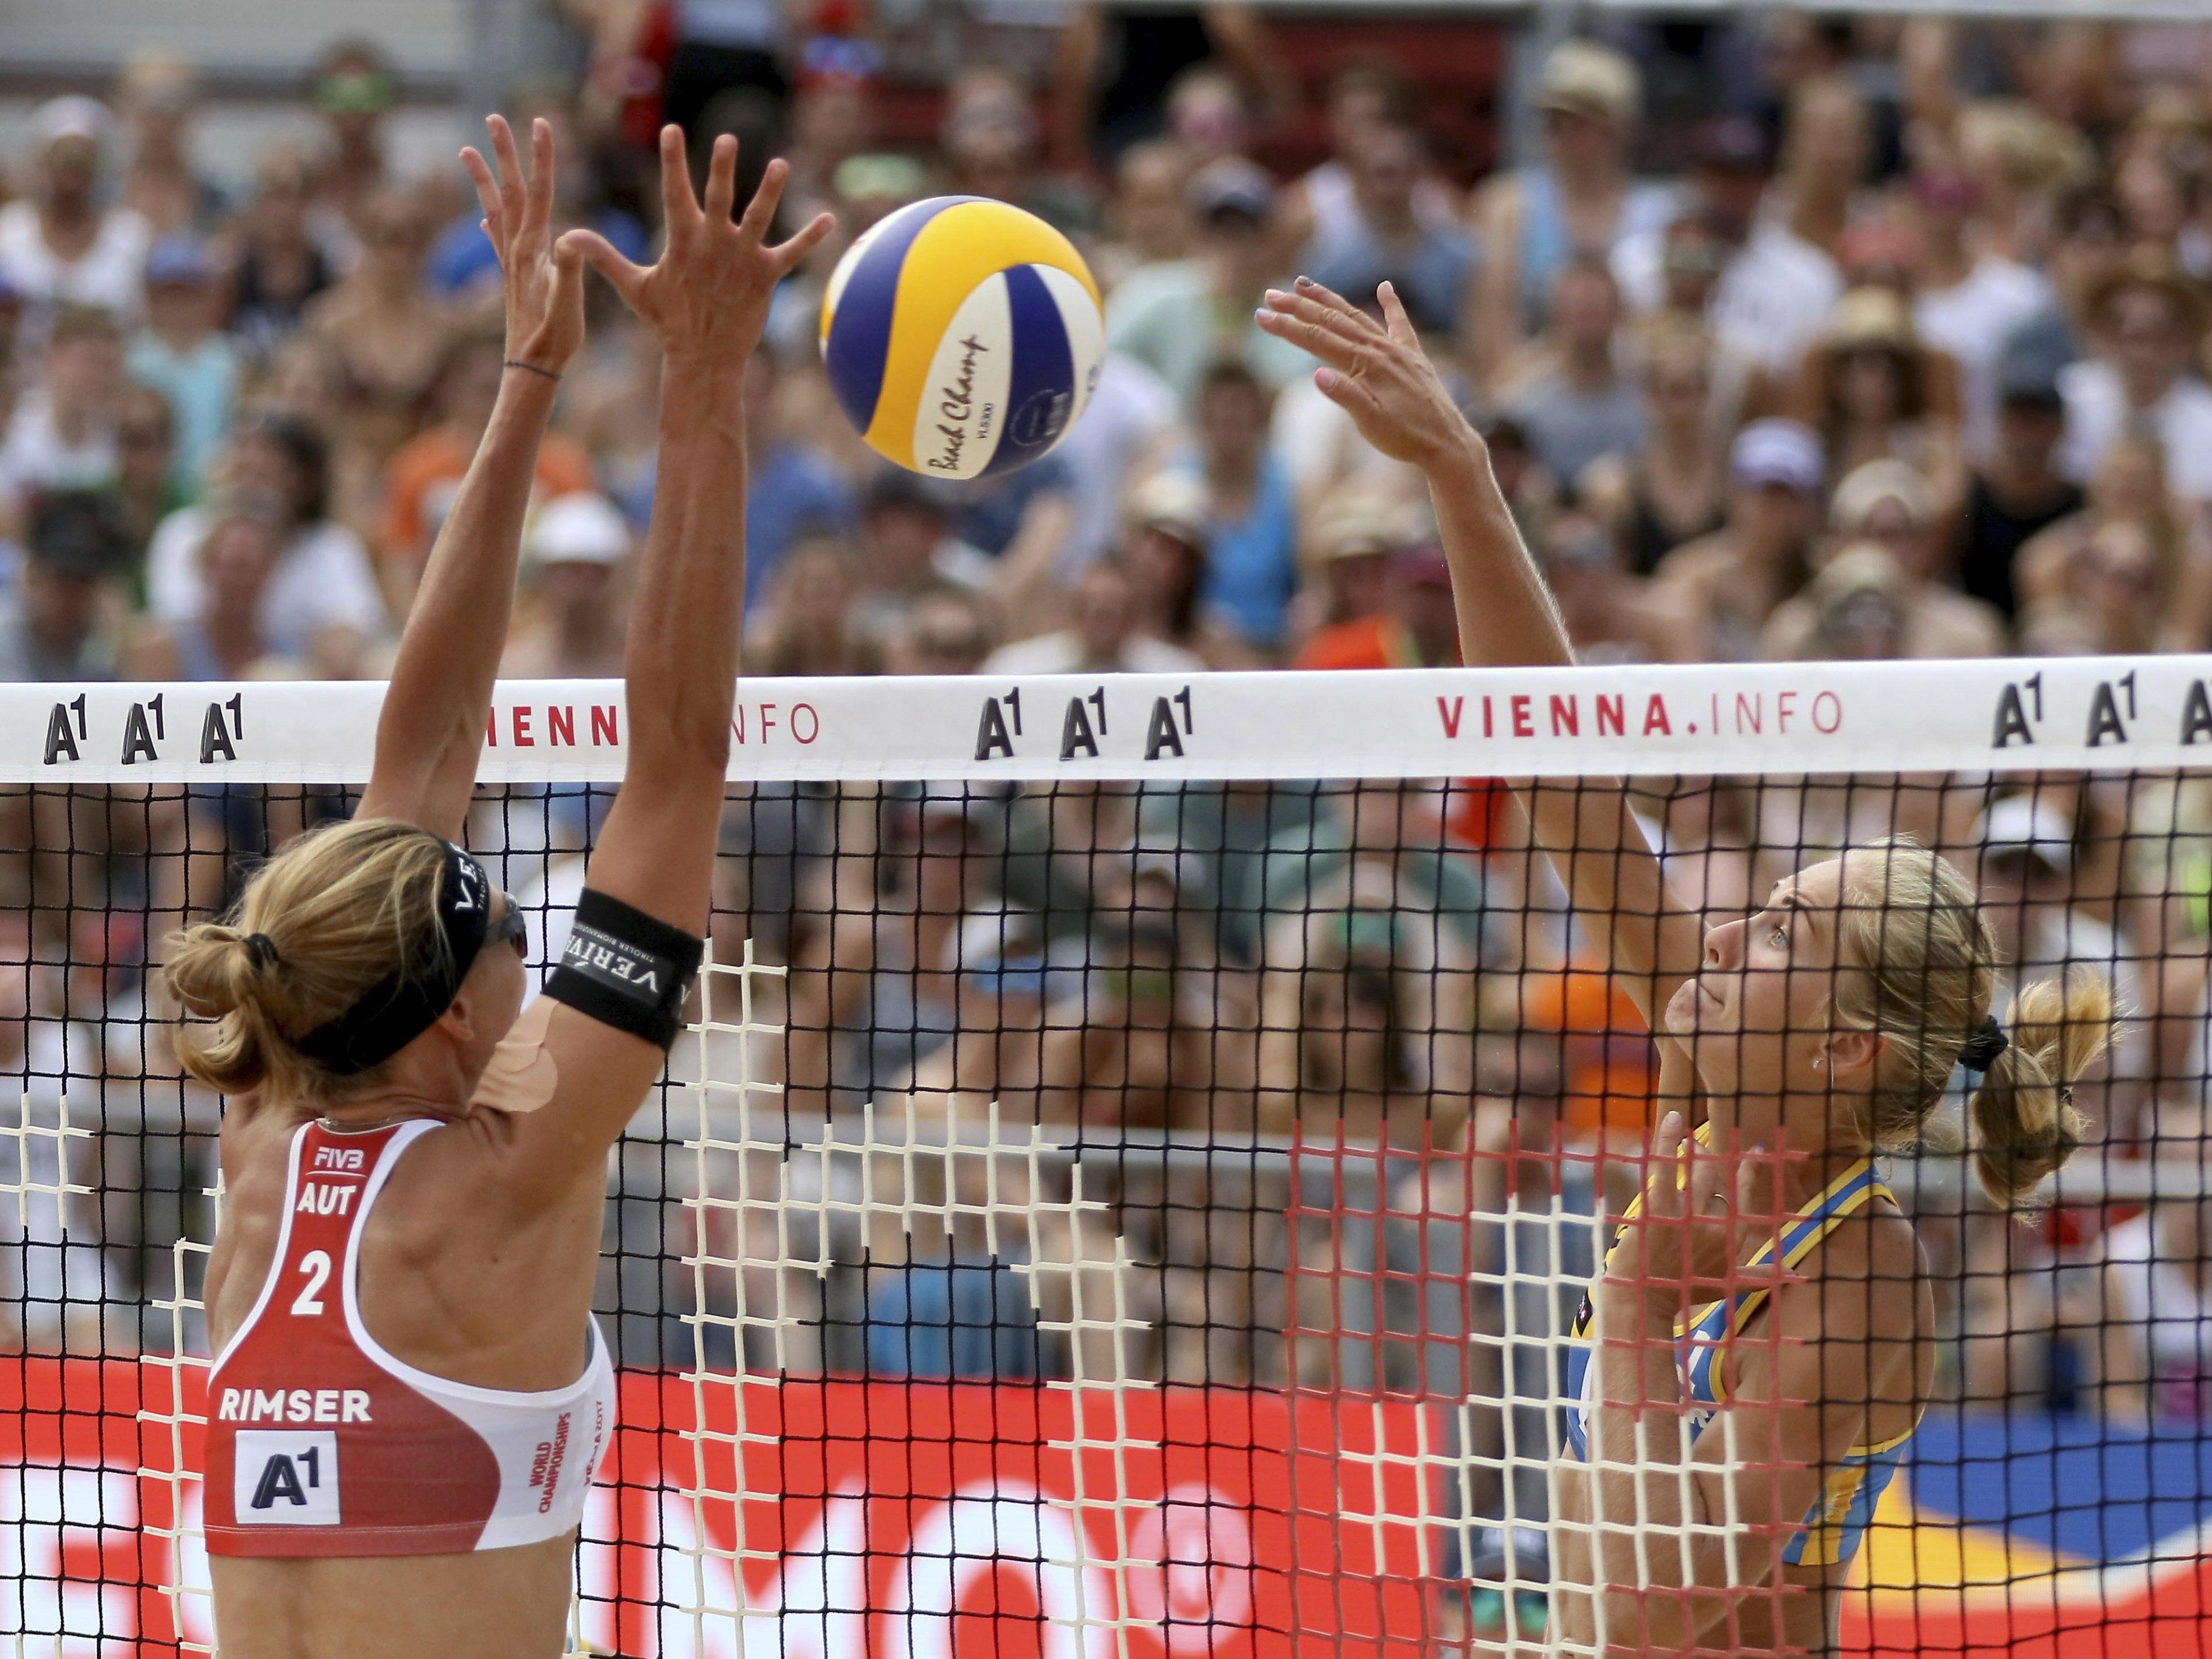 Rimser & Plesiutschnig verloren das Match bei der Beach Volleyball WM in Wien.